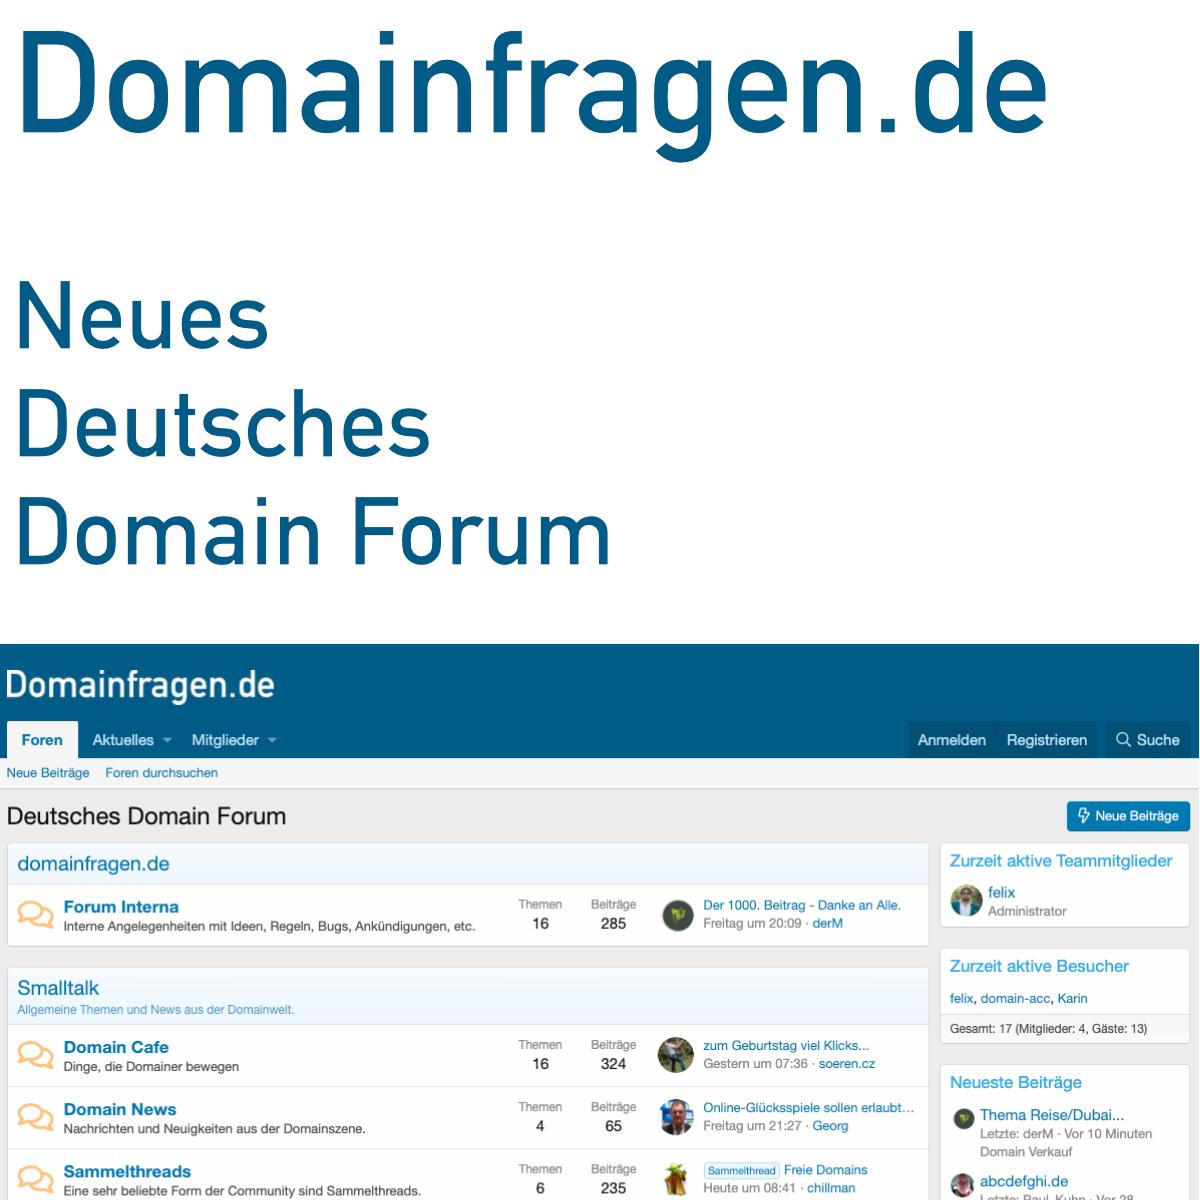 domainfragen.de